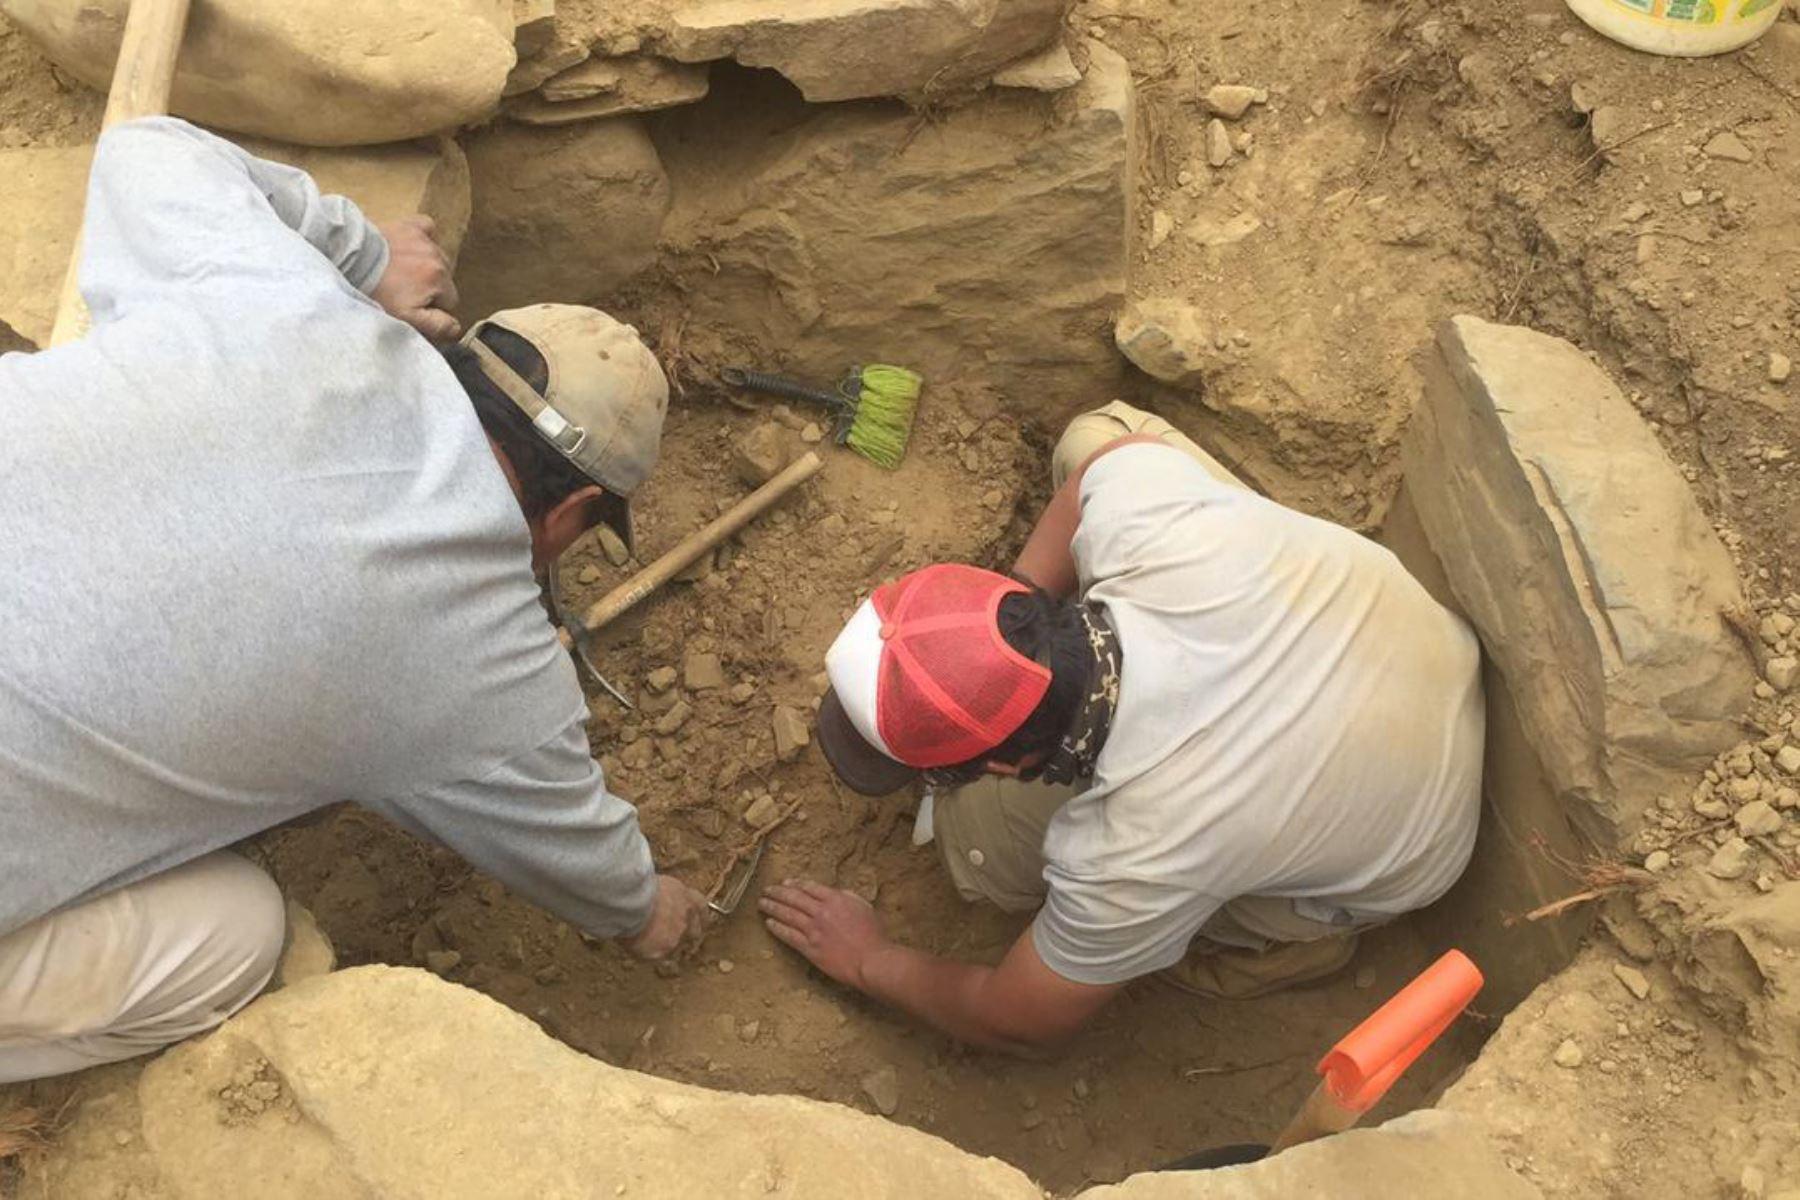 Resaltan aporte de comunidades de distrito de Cátac, en Áncash, en el rescate de vestigios arqueológicos de la cultura Recuay Foto: Proyecto de Investigación Arqueológica Cruz Punta